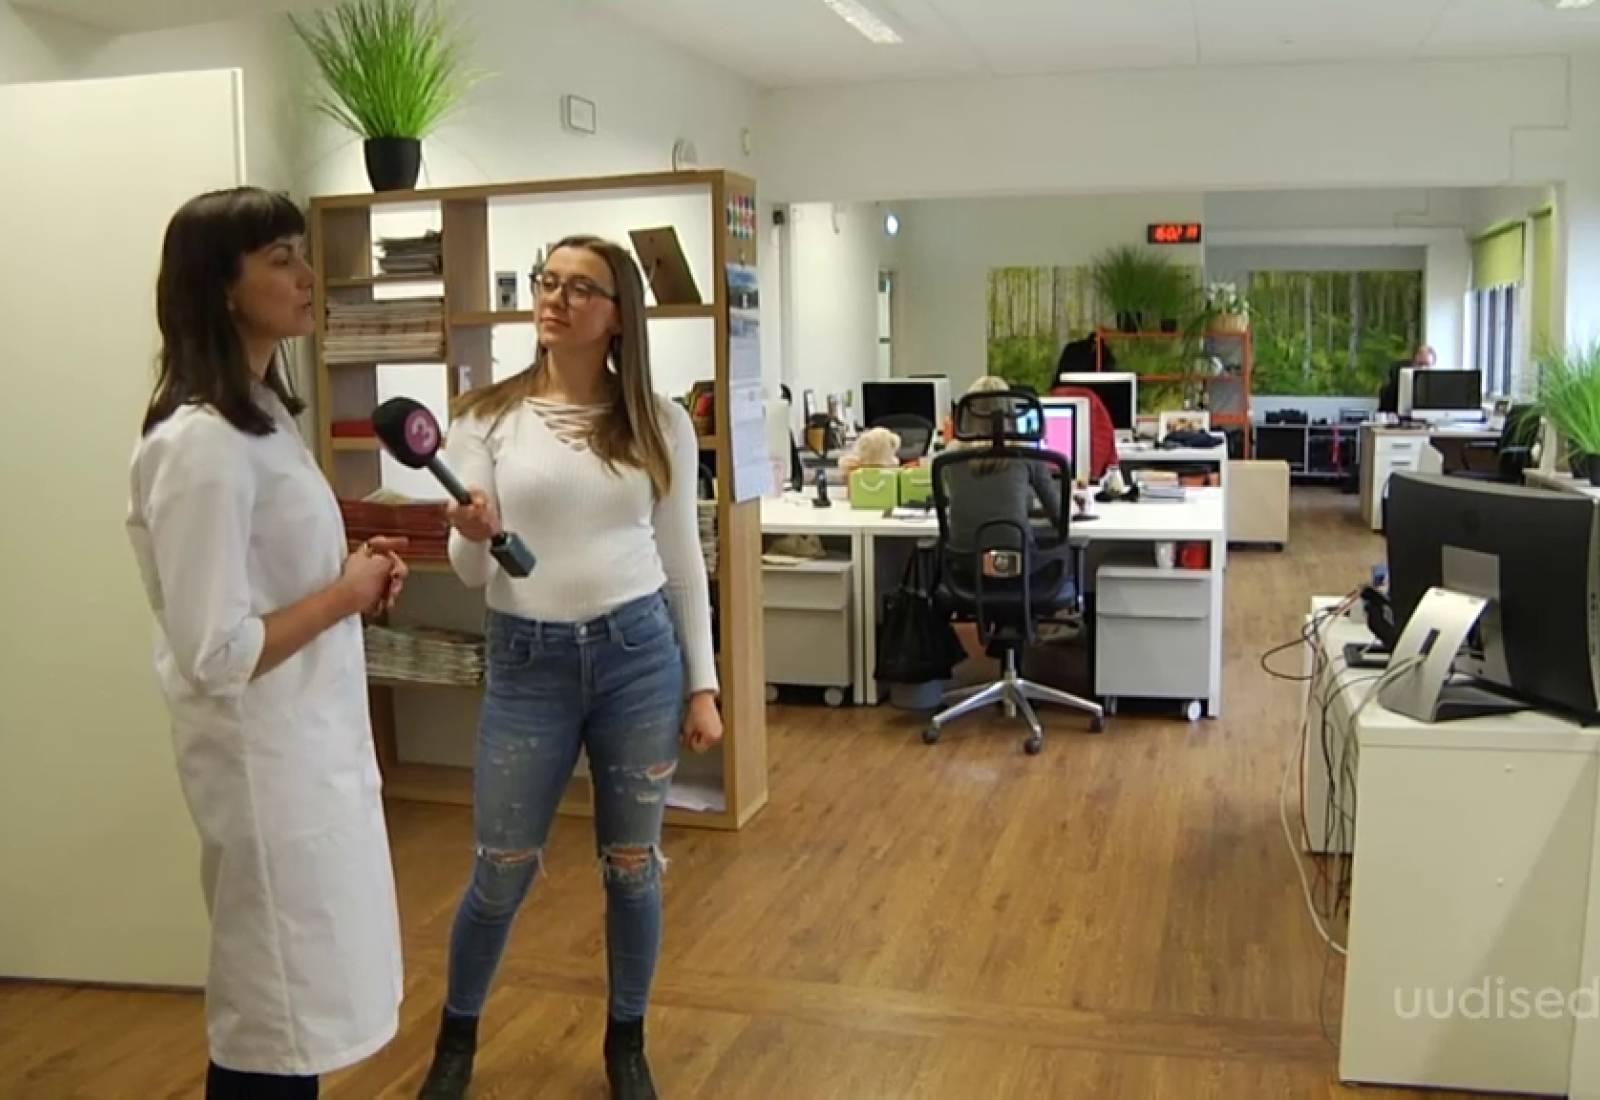 VIDEO! Keskkonnaaktivist Züleyxa Izmailova annab nõu, kuidas kontoris keskkonda säästa